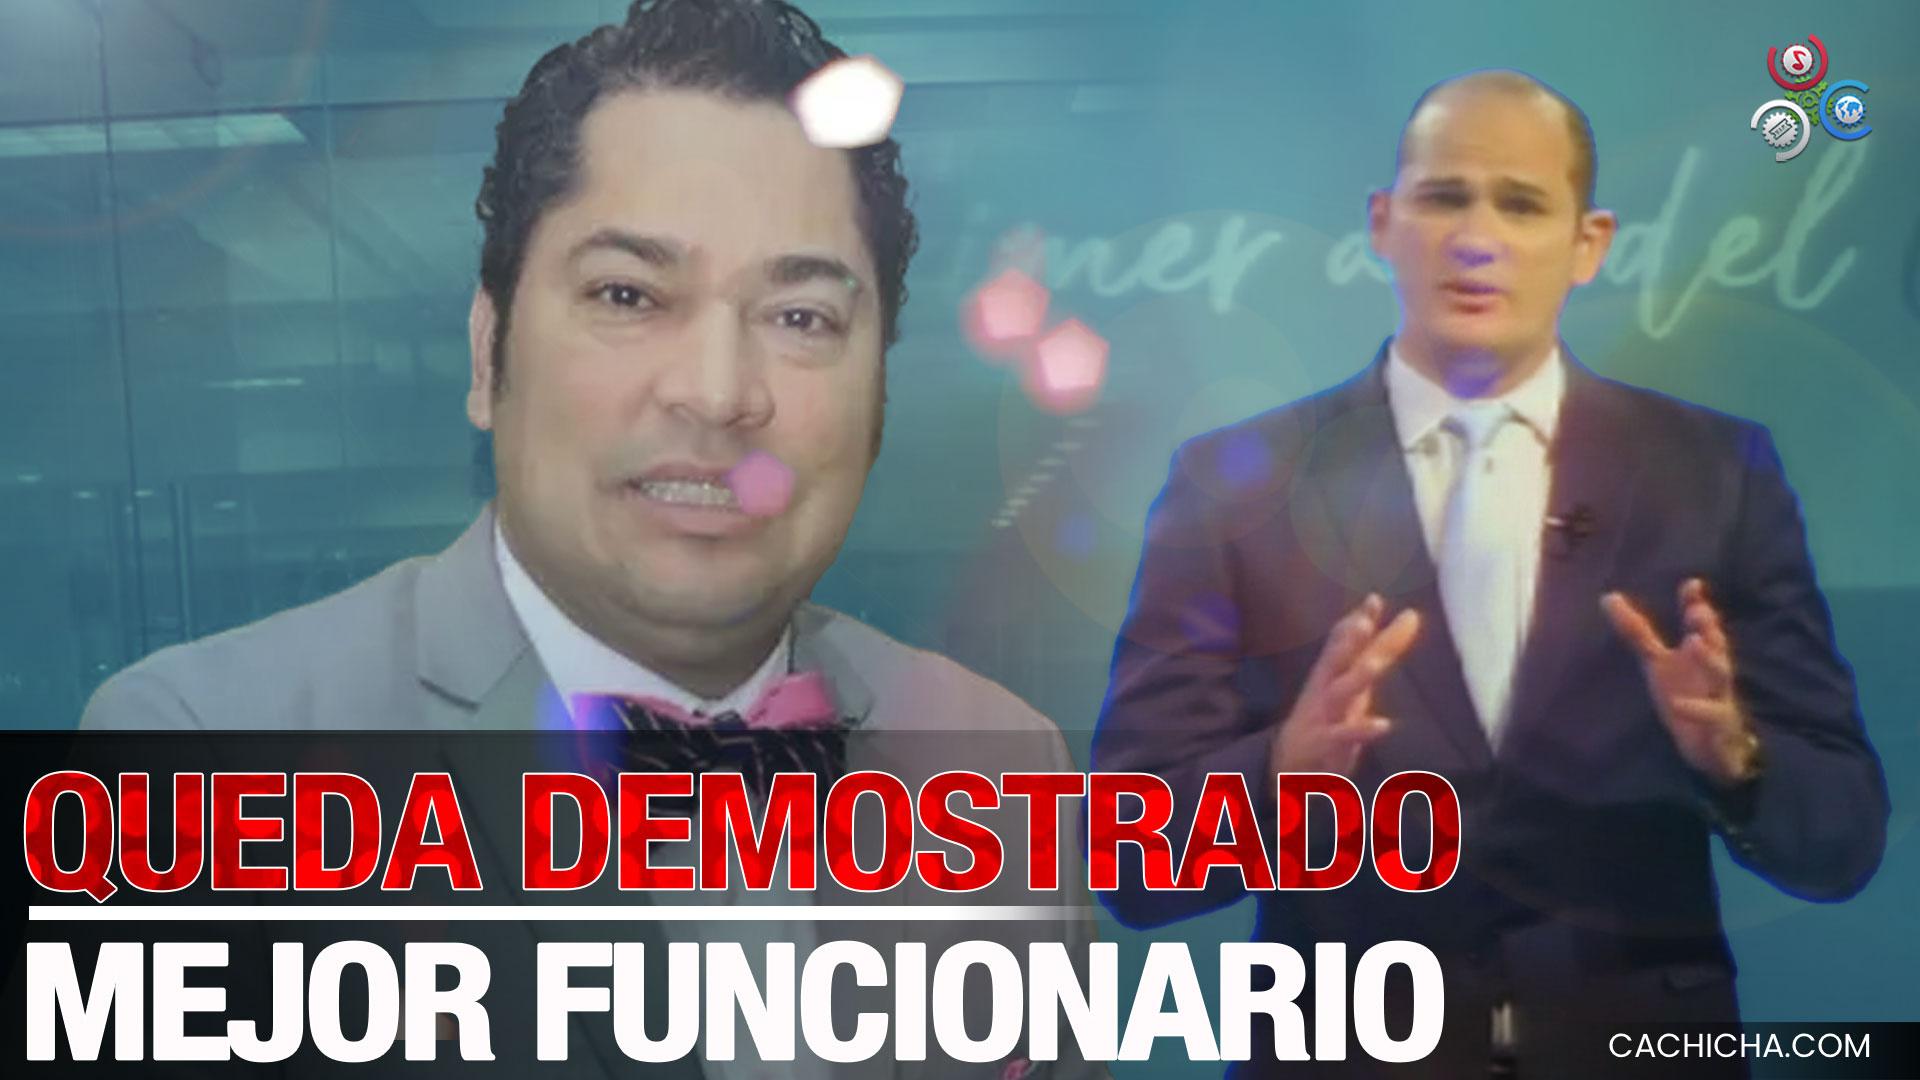 Fito Perez Pasa Balance A Su Gran Gestión Y Queda Demostrado Que Es El Mejor Funcionario De Éste Gobierno | El Pachá Extra